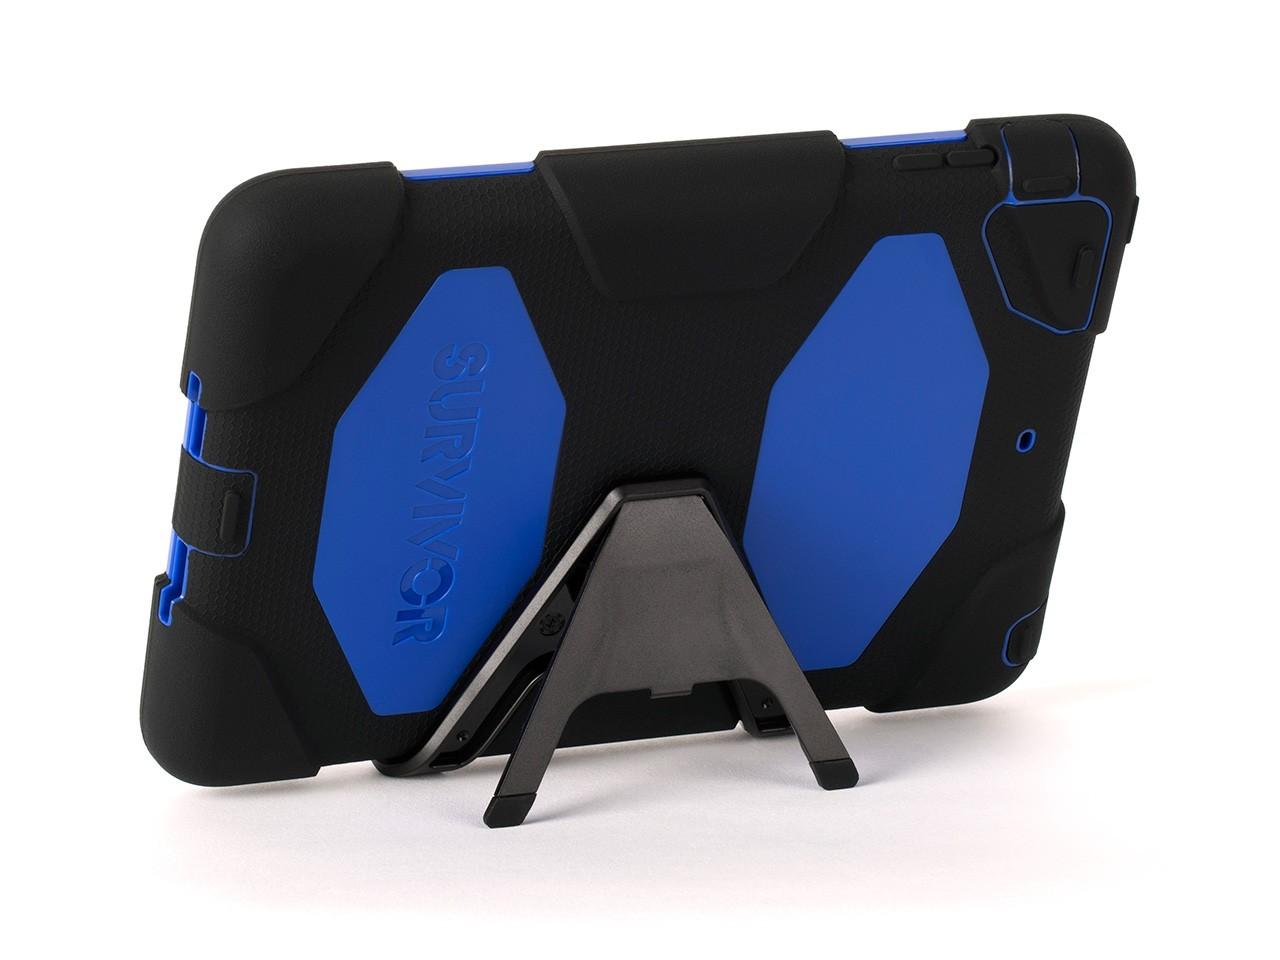 Black/Blue Survivor All-Terrain Case + Stand for iPad mini